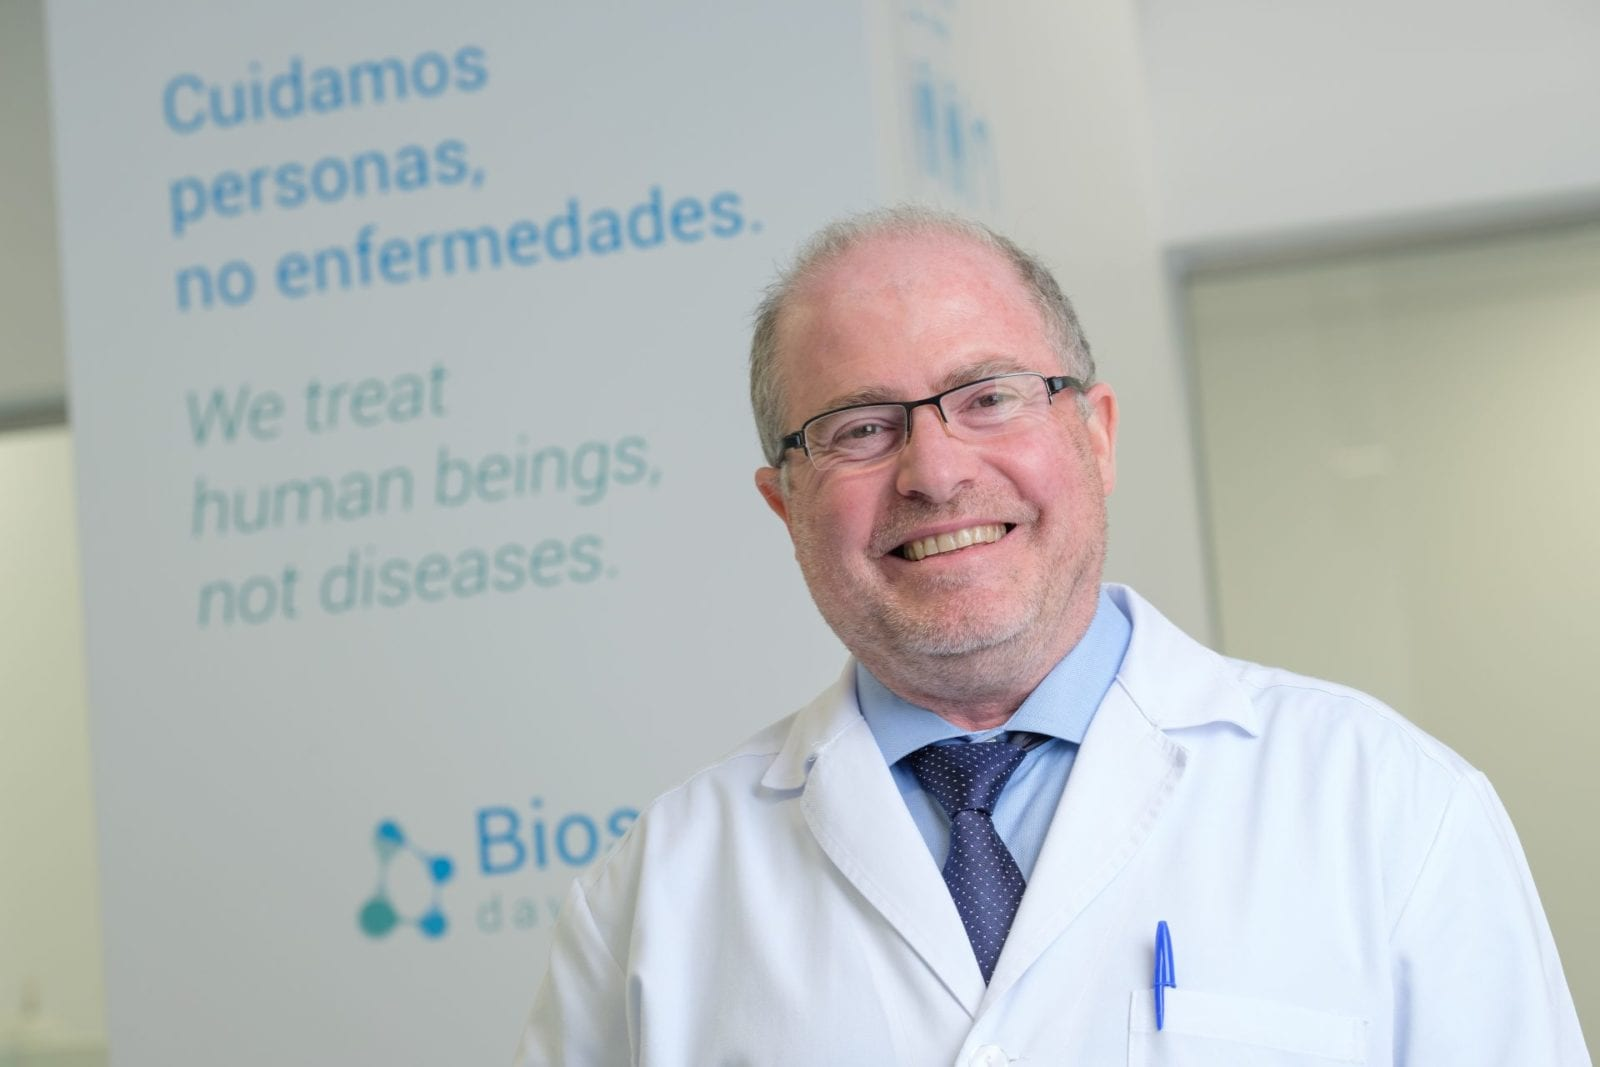 Doctor Mariano Bueno